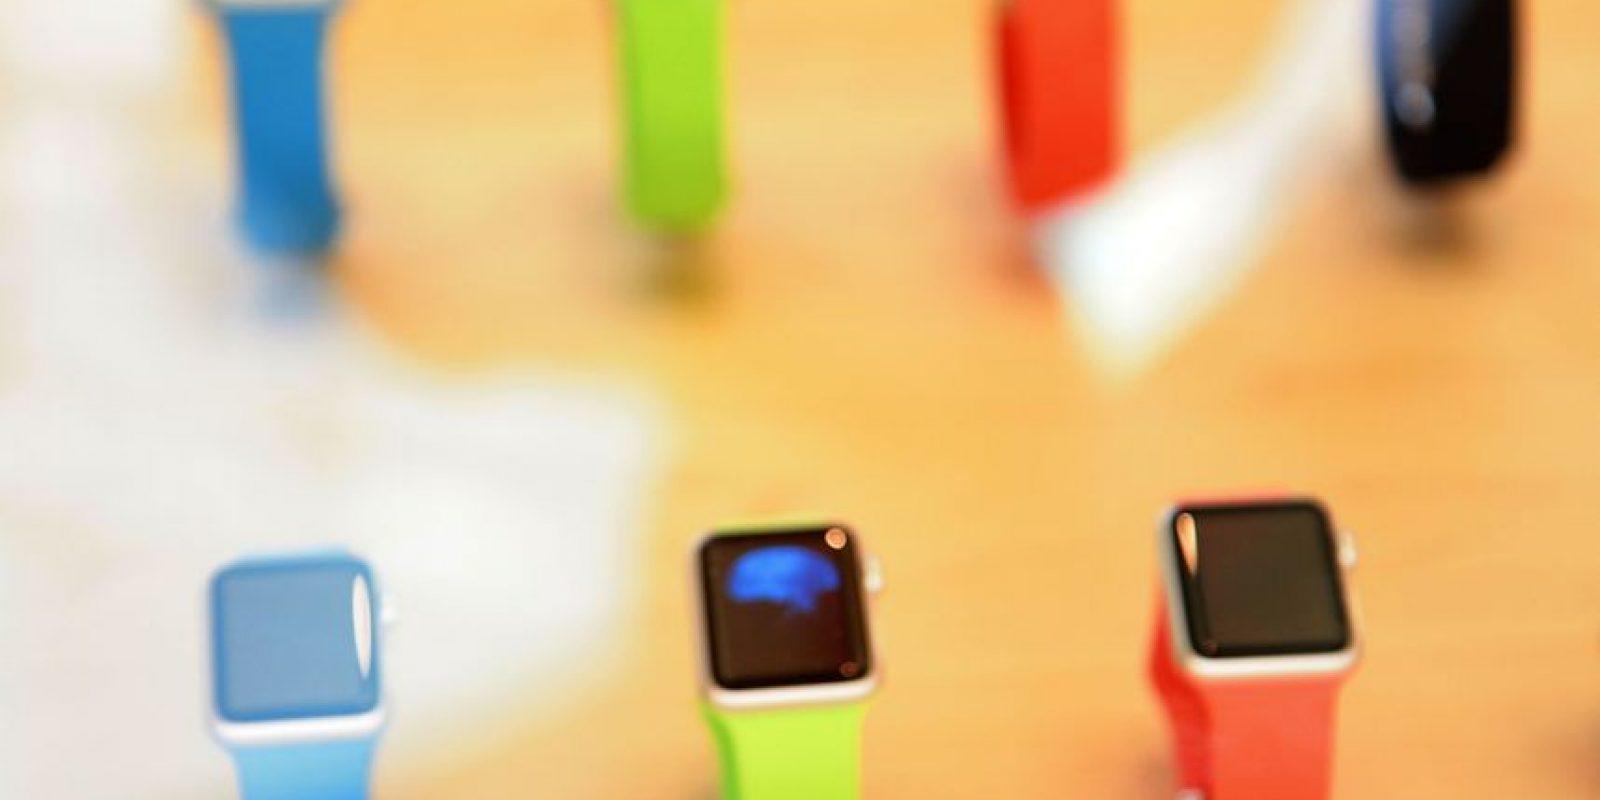 Apple Watch Sport fue el modelo seleccionado para saber cuánto resiste a las caídas. Foto:Getty Images